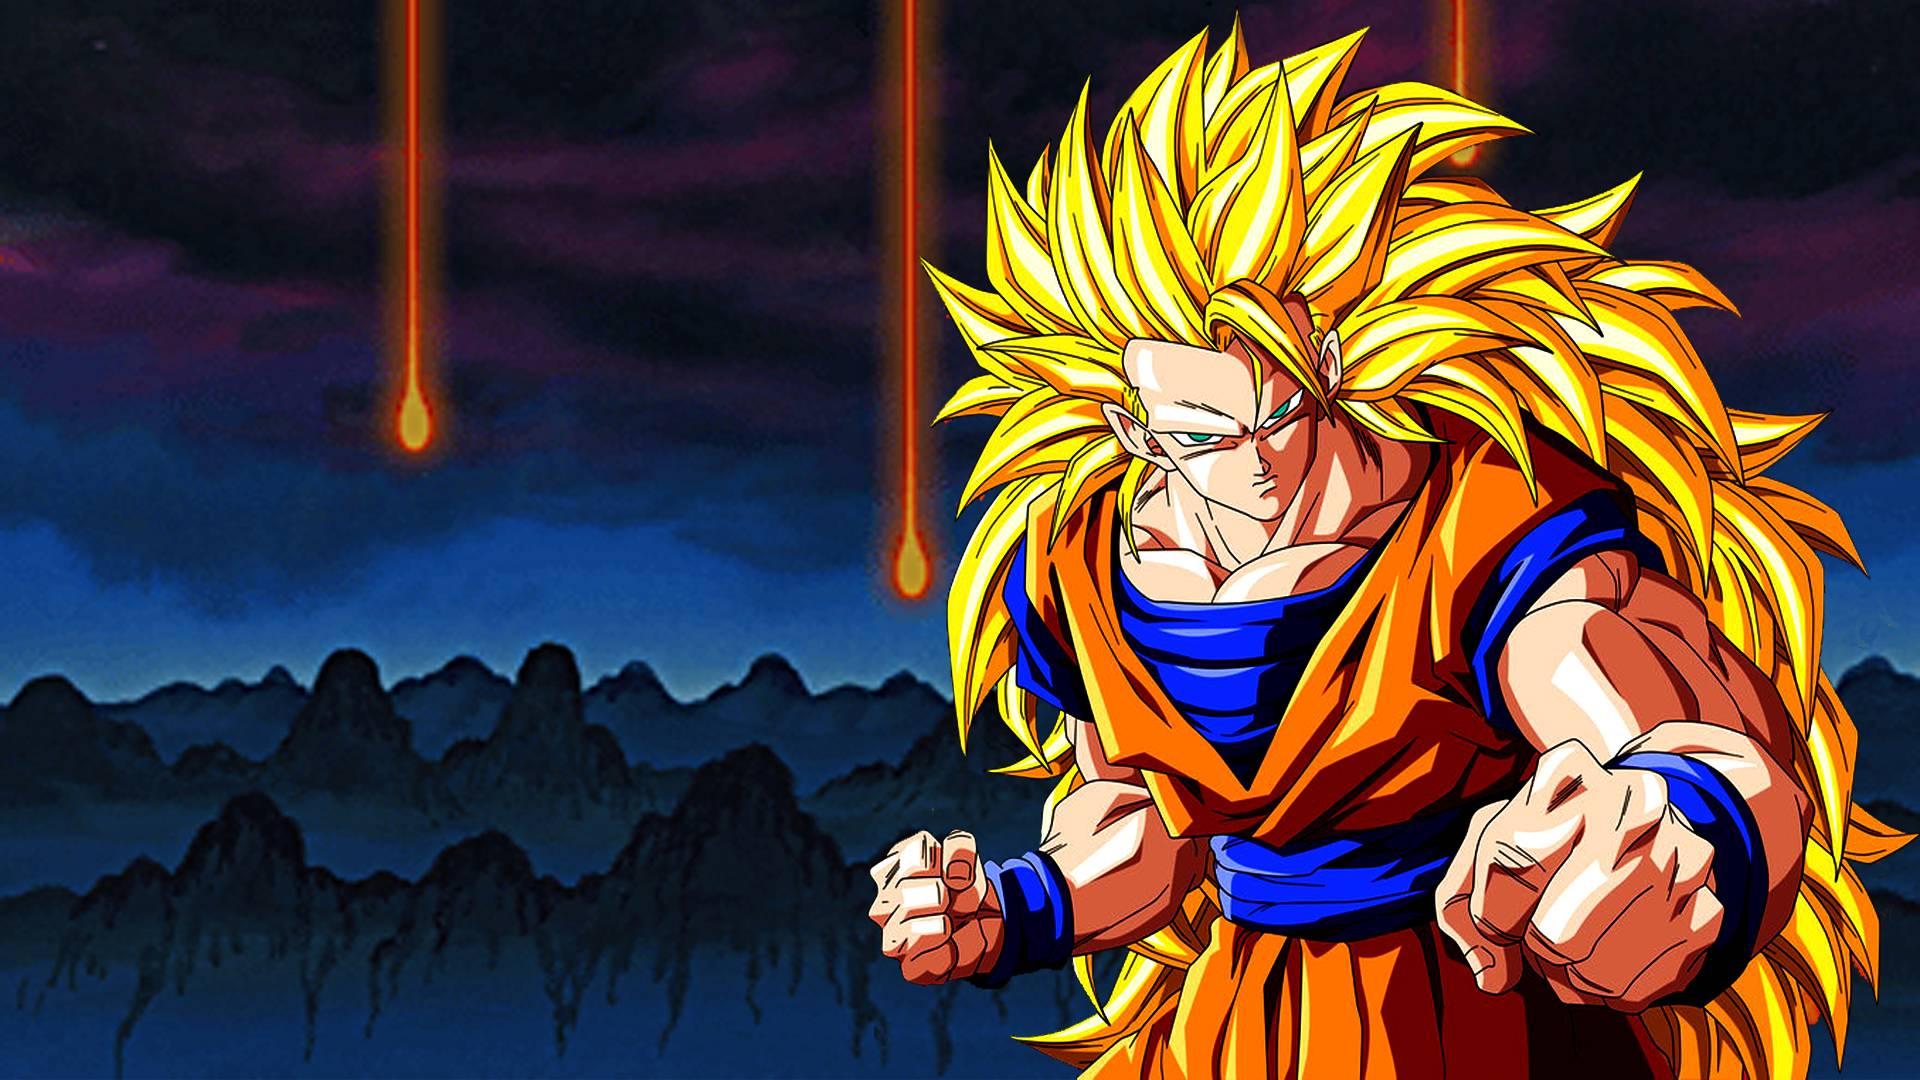 Dragon Ball Z Wallpapers Goku 1920x1080